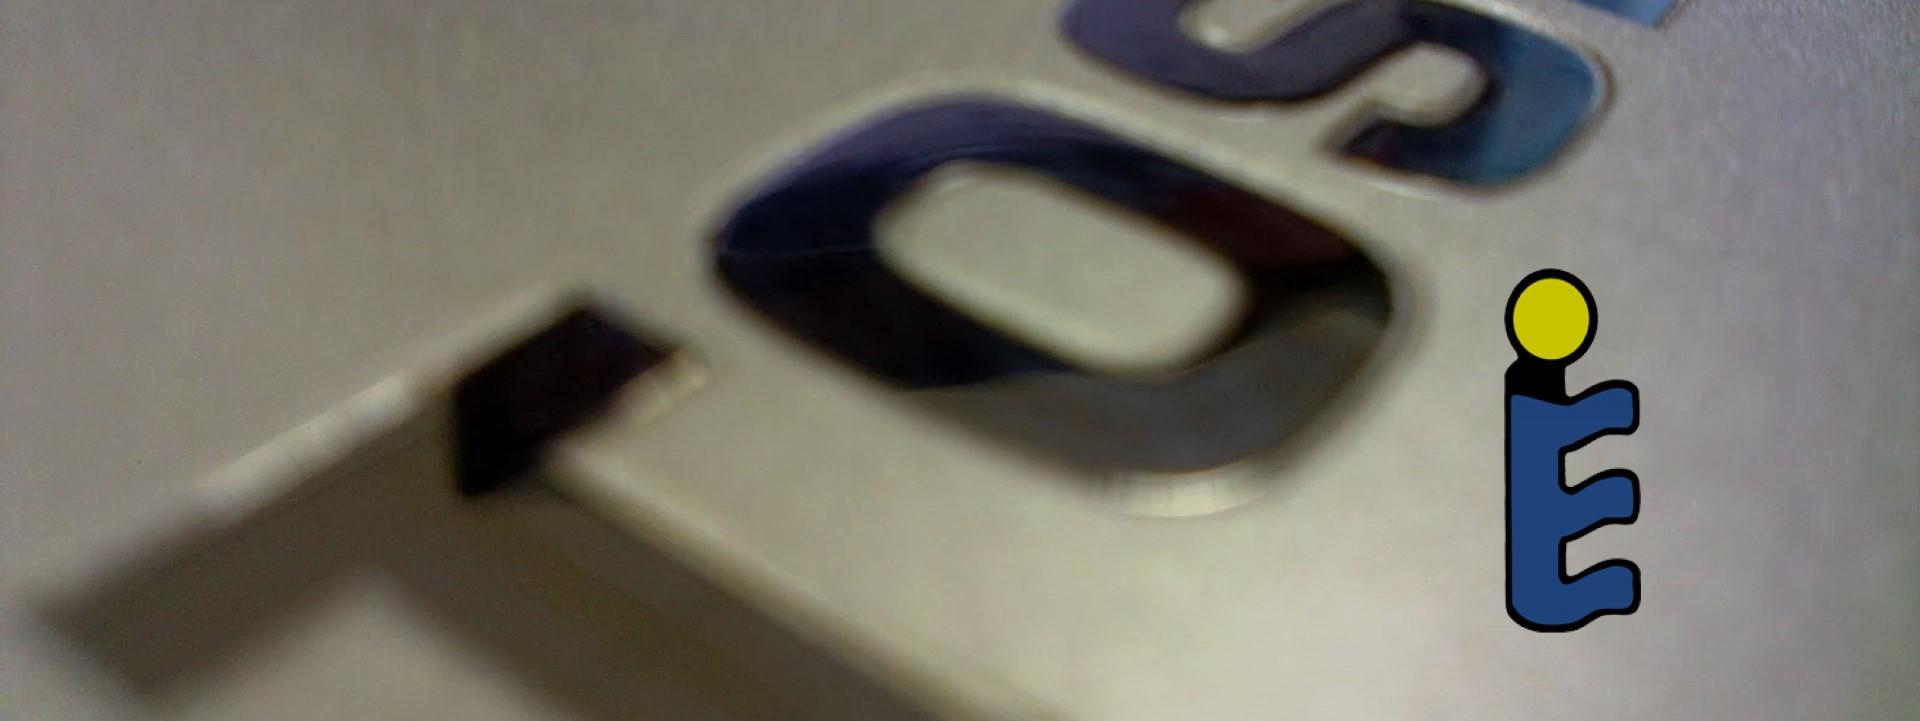 Πιστοποίηση Keymark στις Αντλίες Θερμότητας Toshiba Estia 5